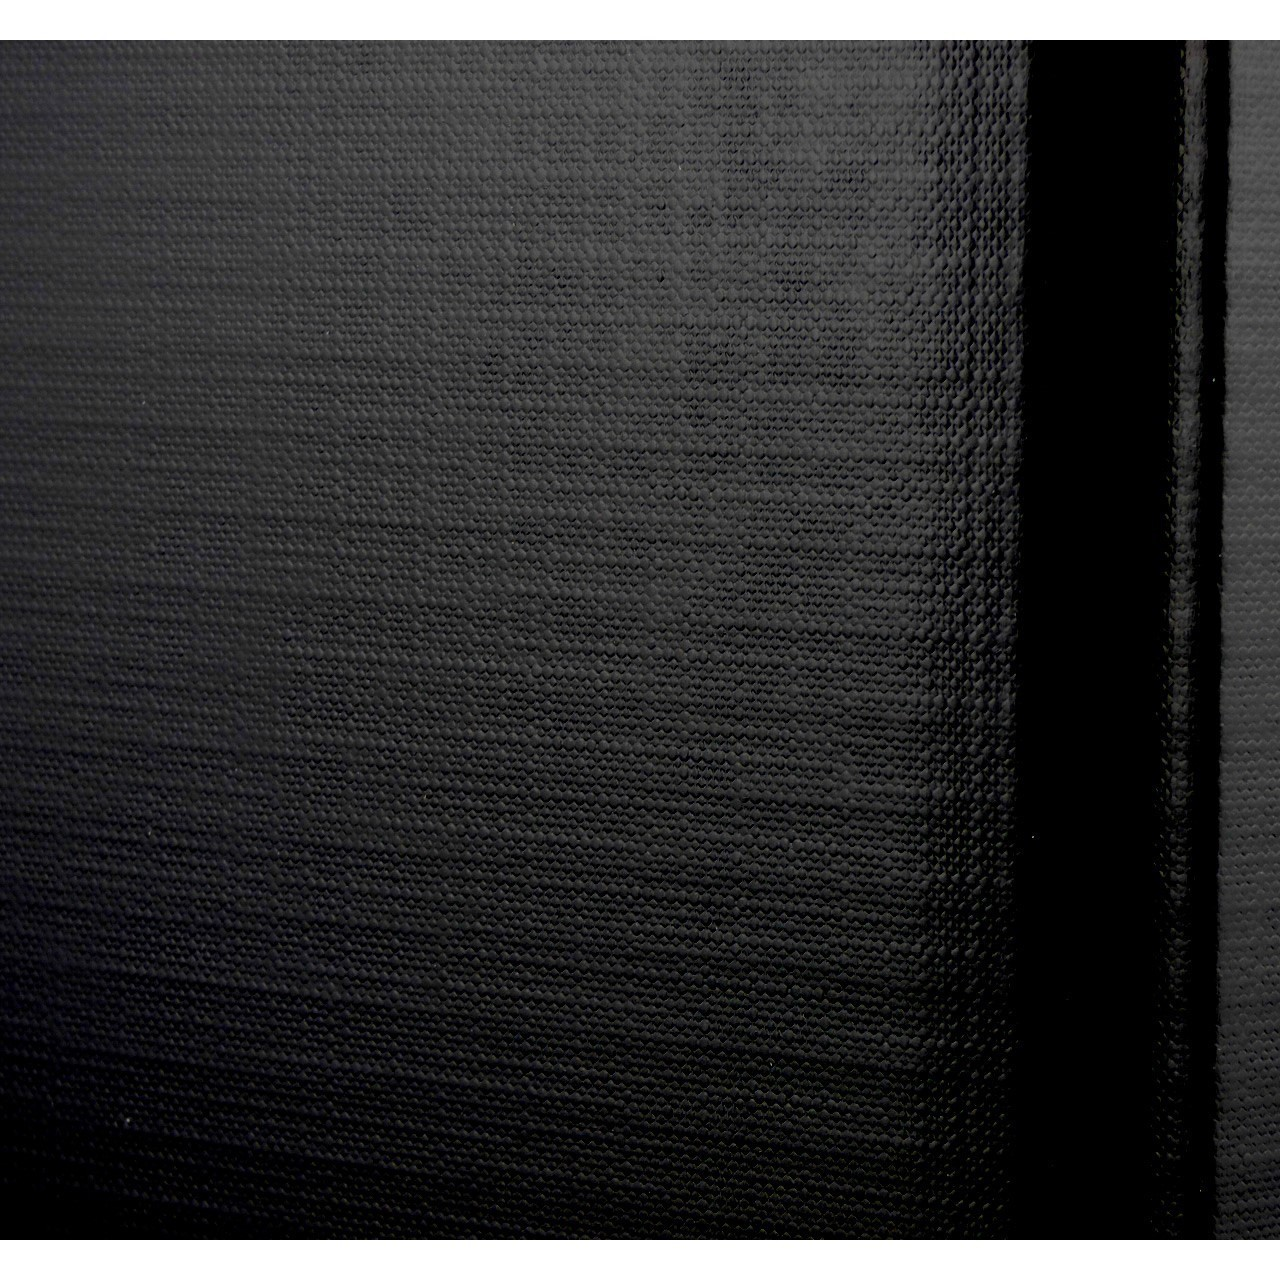 Intensiv schwarze Geschenkverpackung mit fein strukturierter Oberfläche und staubfreier, naturbelassenen Holzwolle